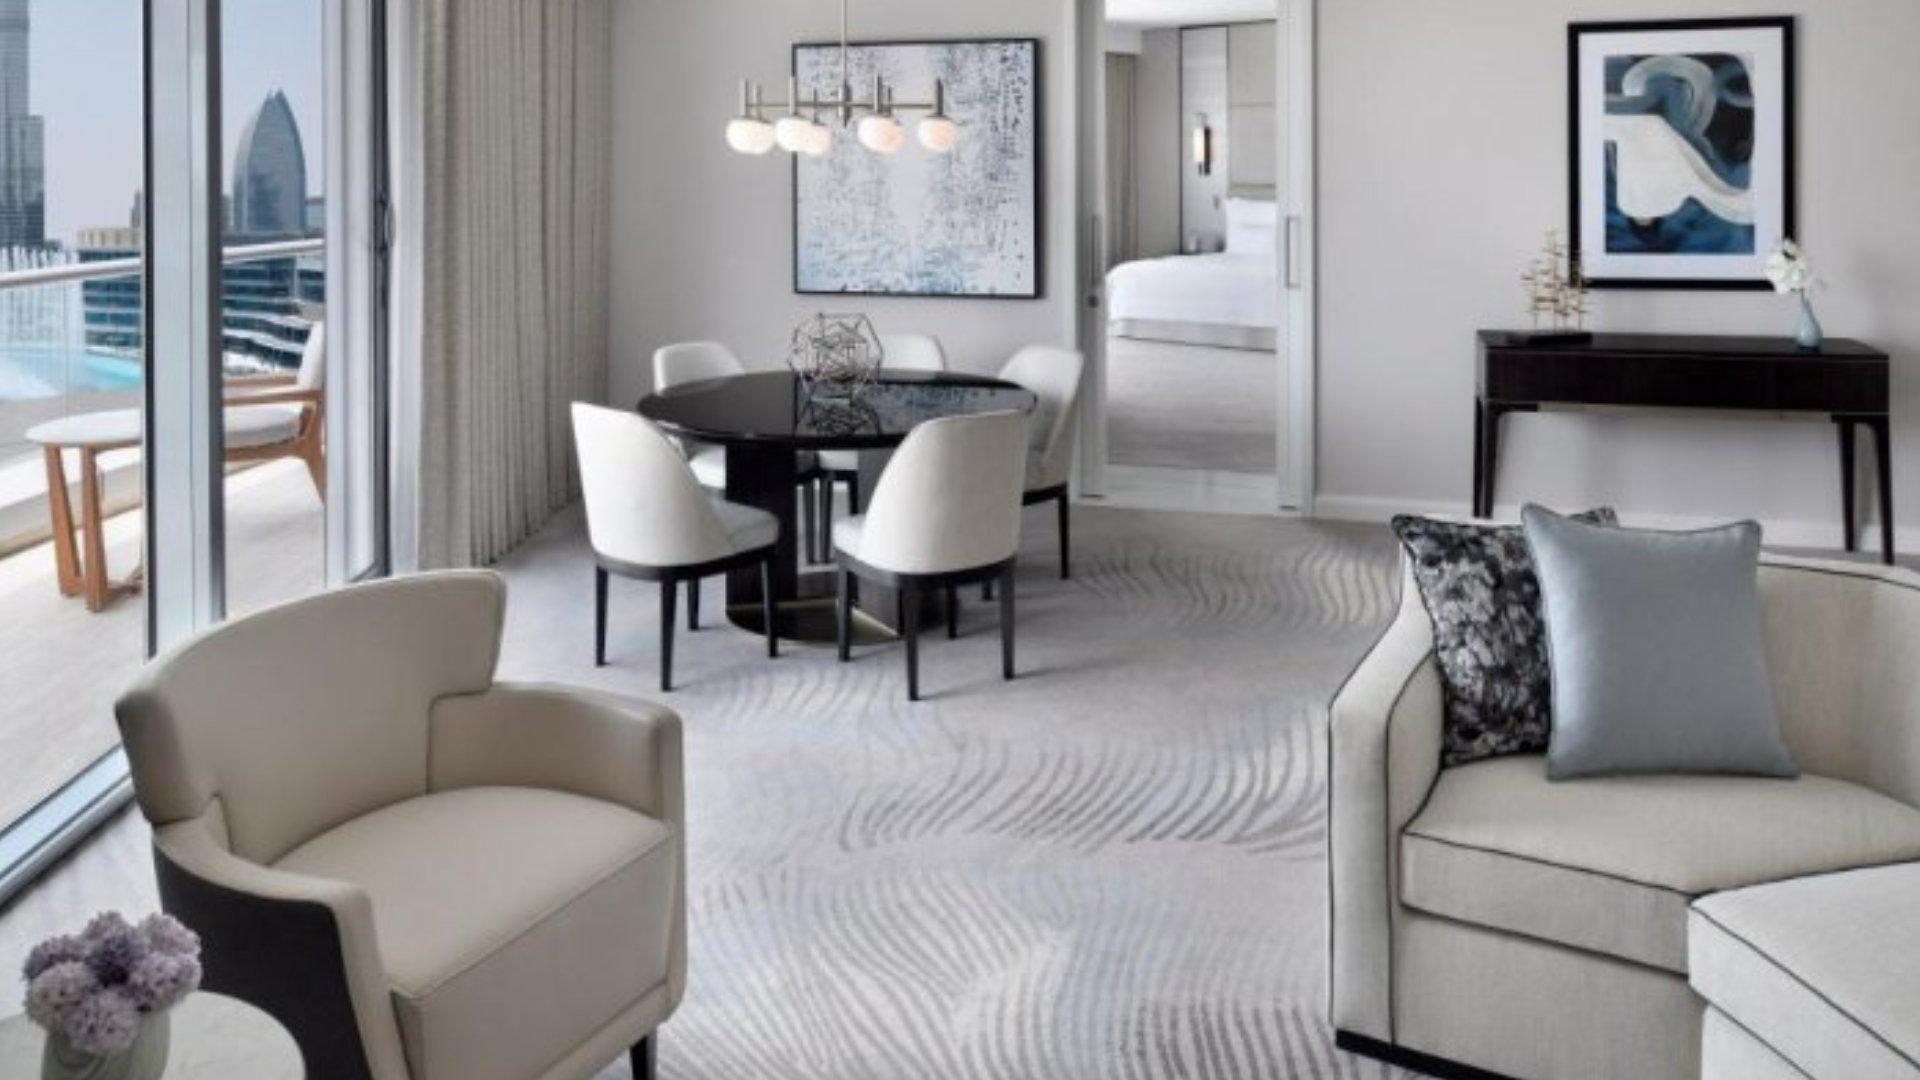 Ático en venta en Dubai, EAU, 4 dormitorios, 300 m2, № 24325 – foto 1